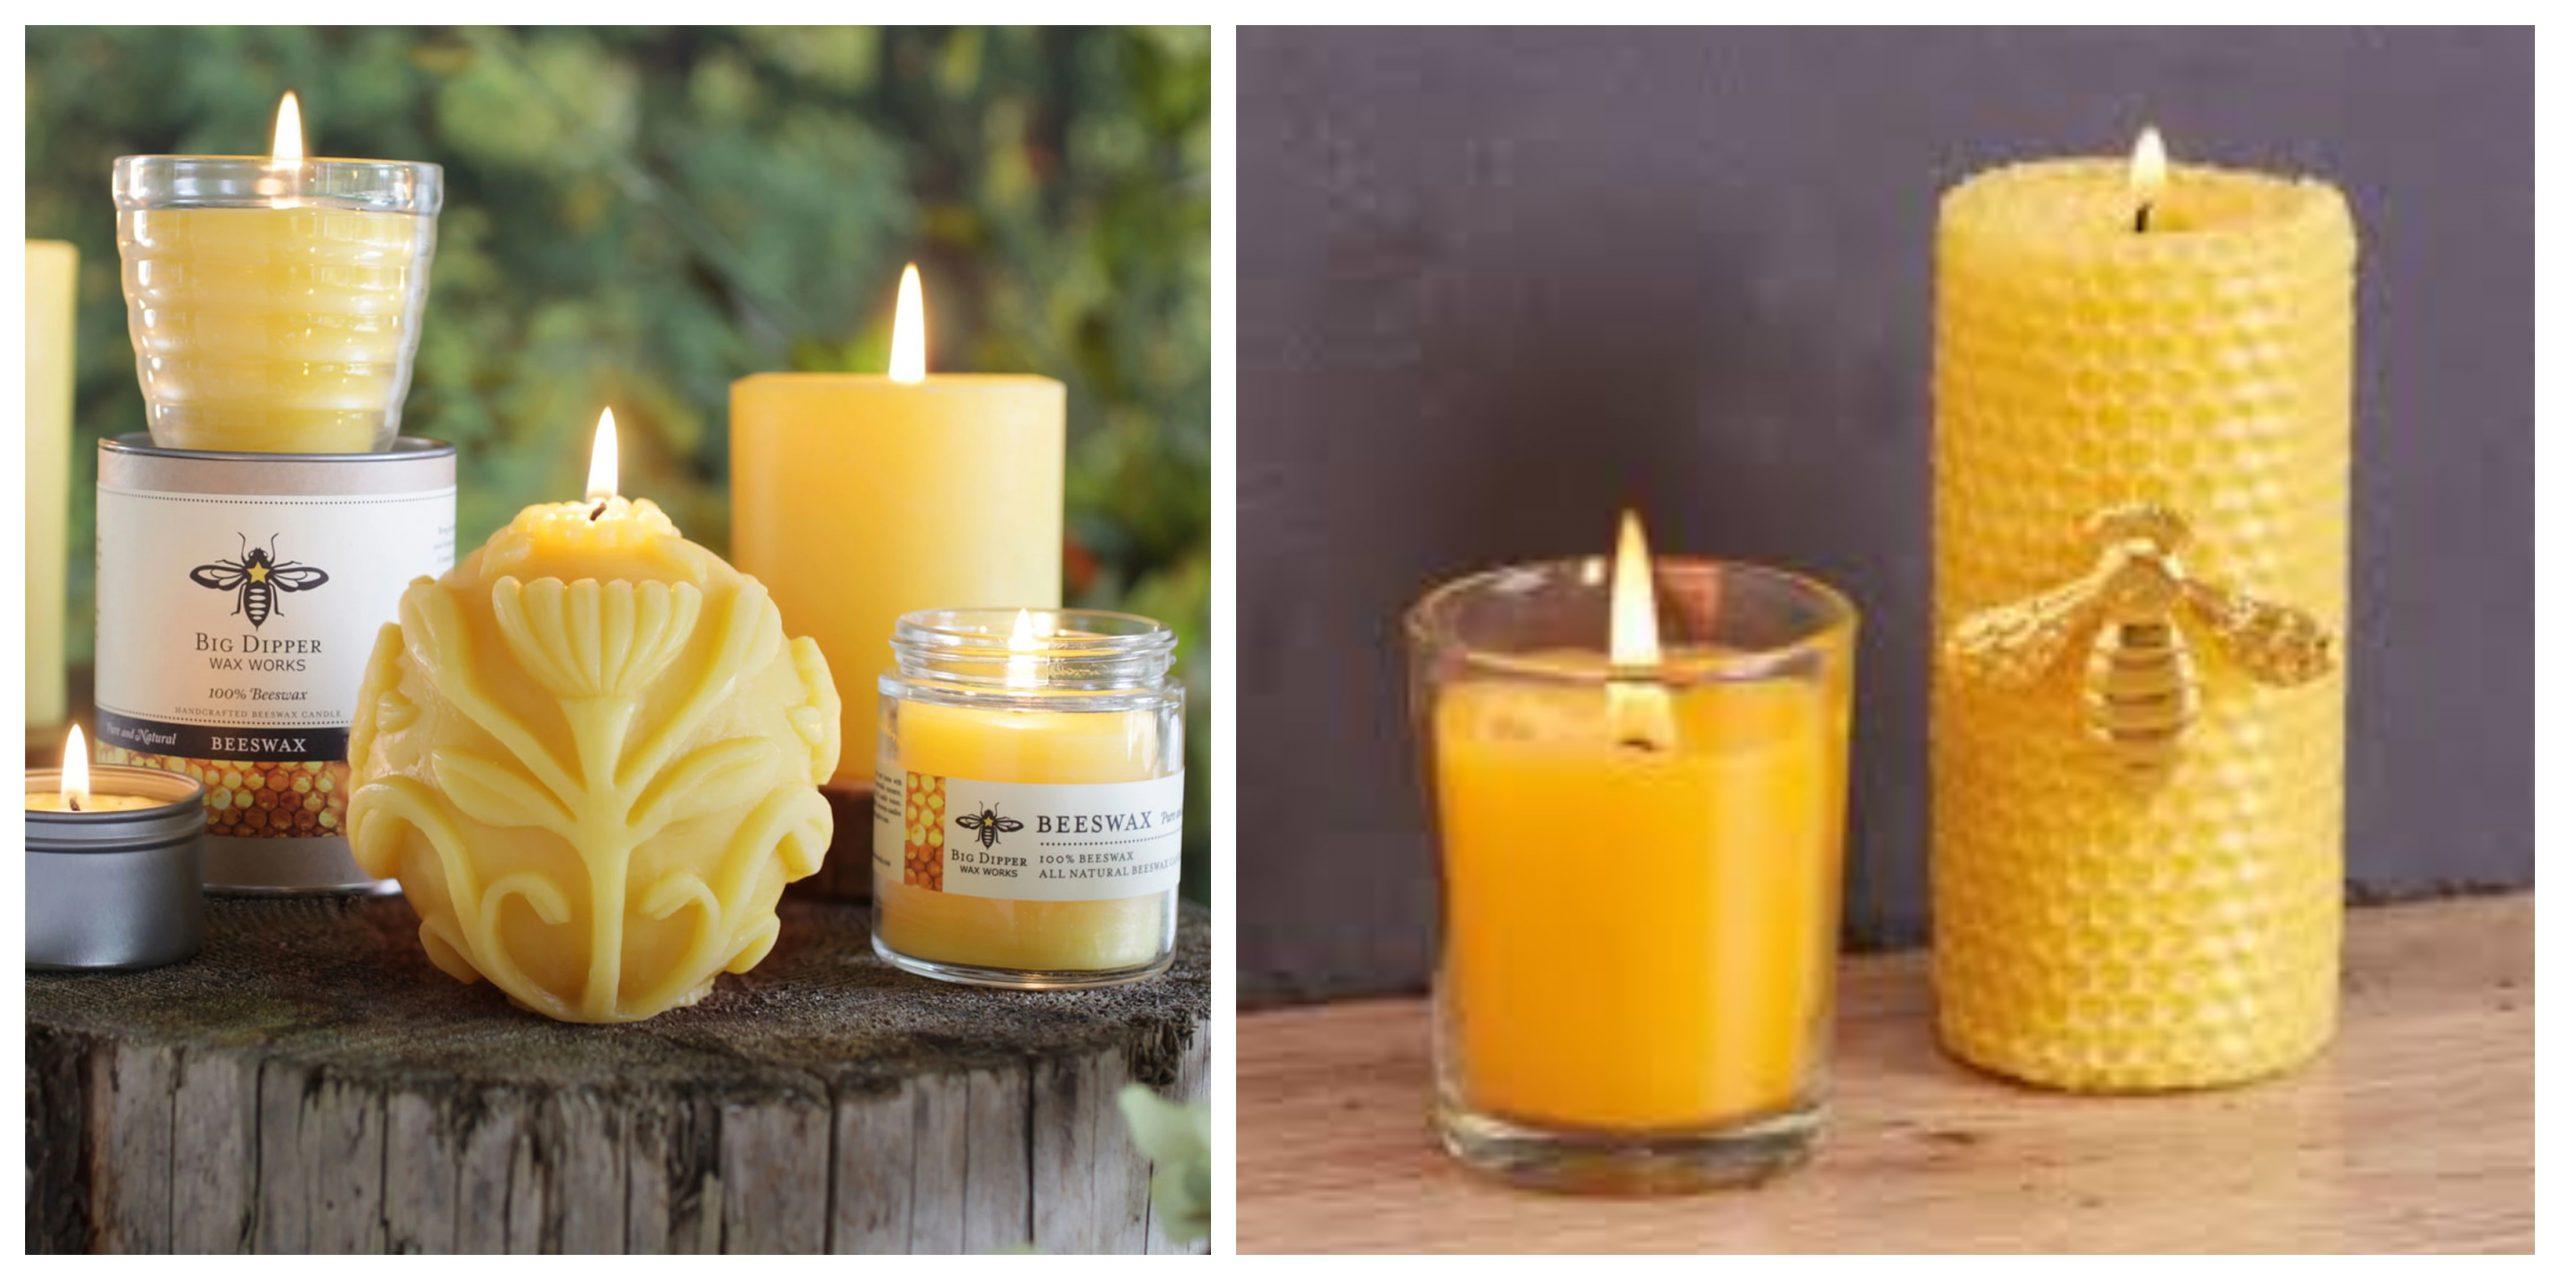 الفوائد الصحية والبيئية لاستخدام شمع العسل